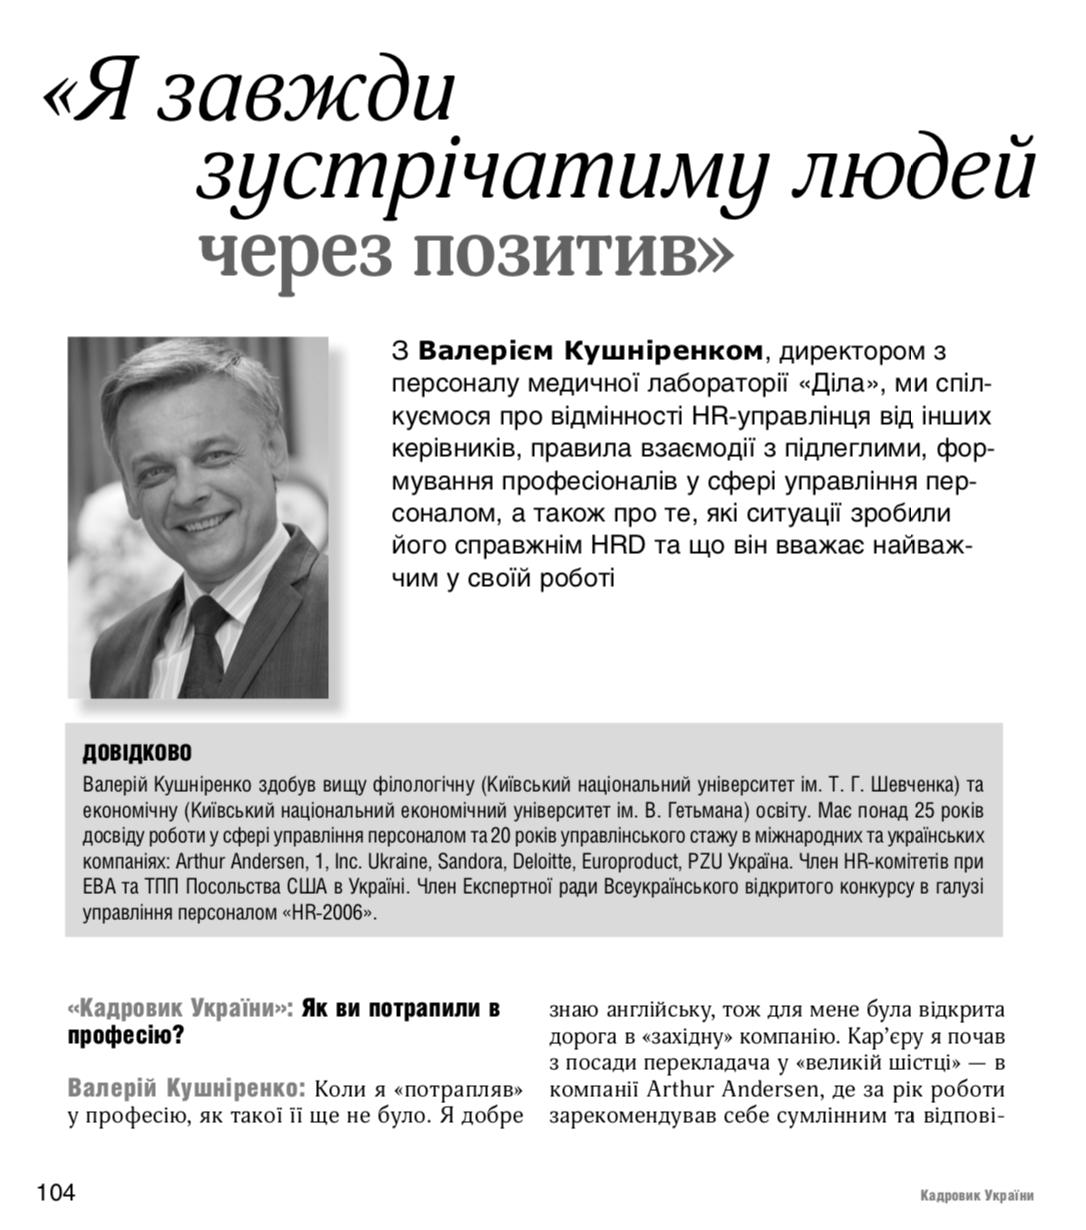 Валерий Кушниренко, Директор по персоналу, Кадровик Украины